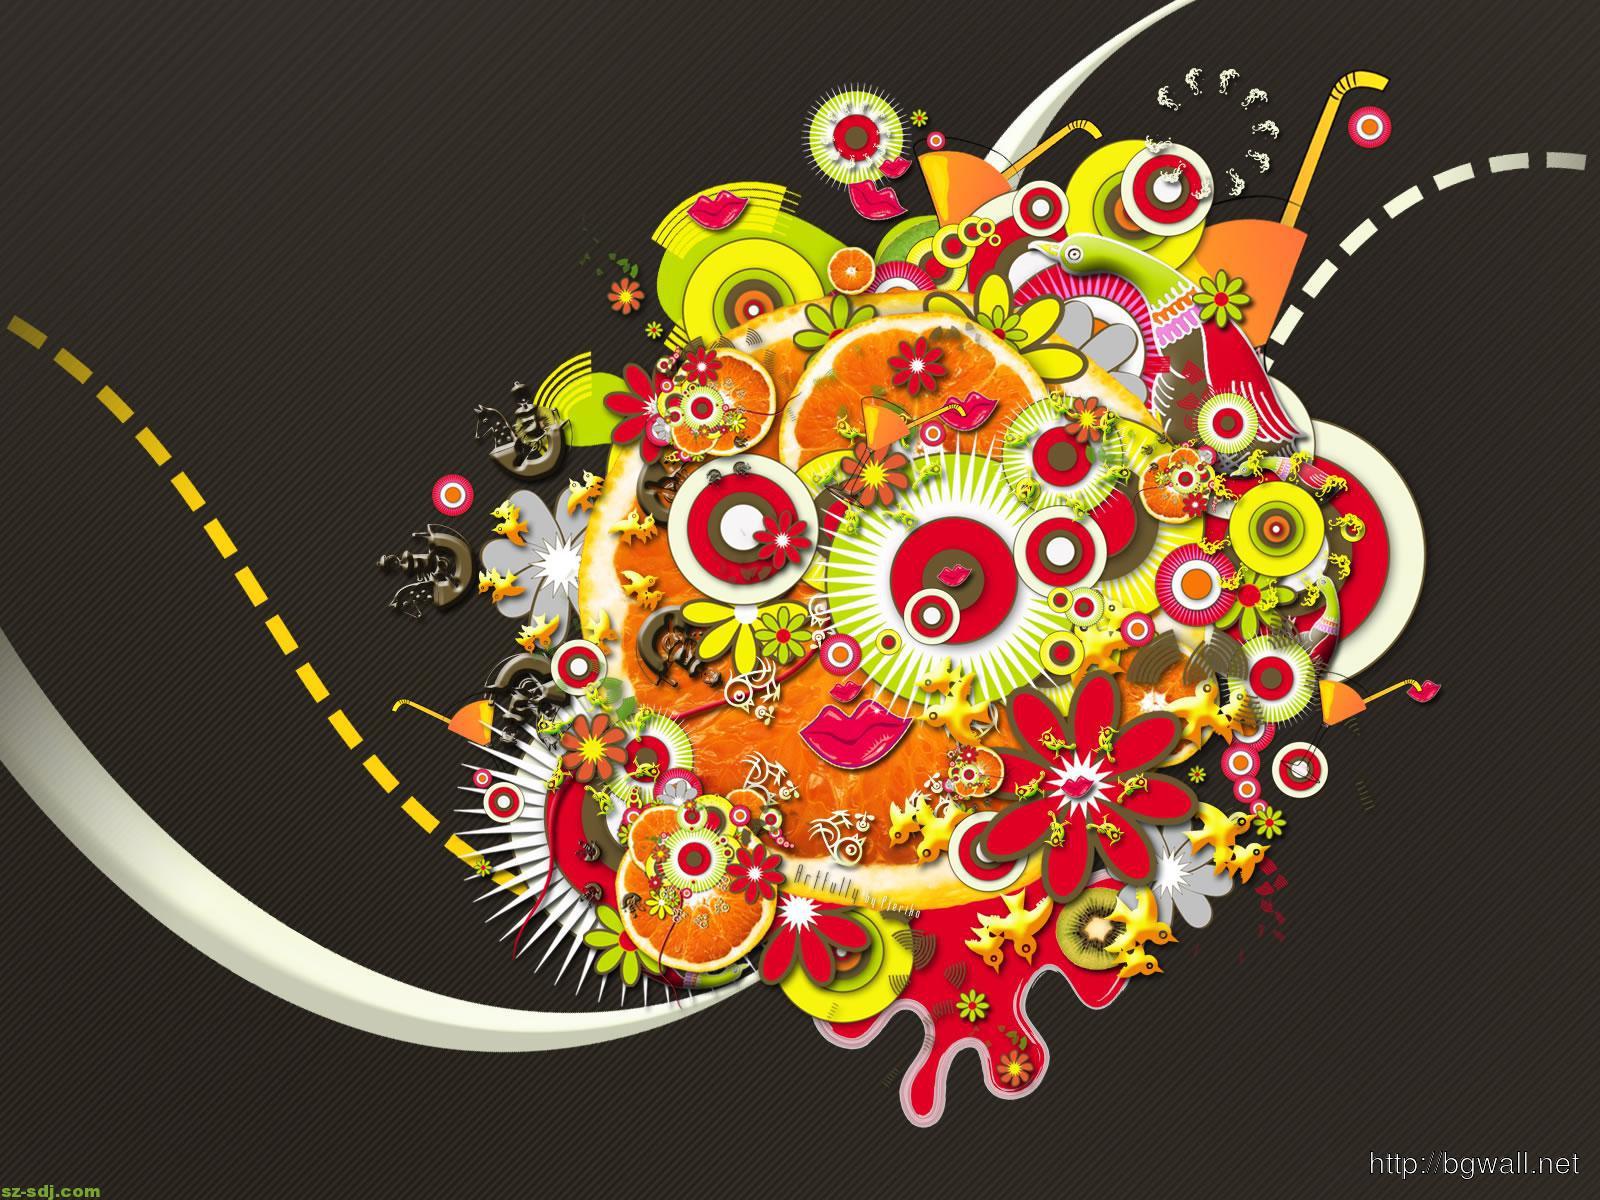 abstract-art-design-wallpaper-high-resolution